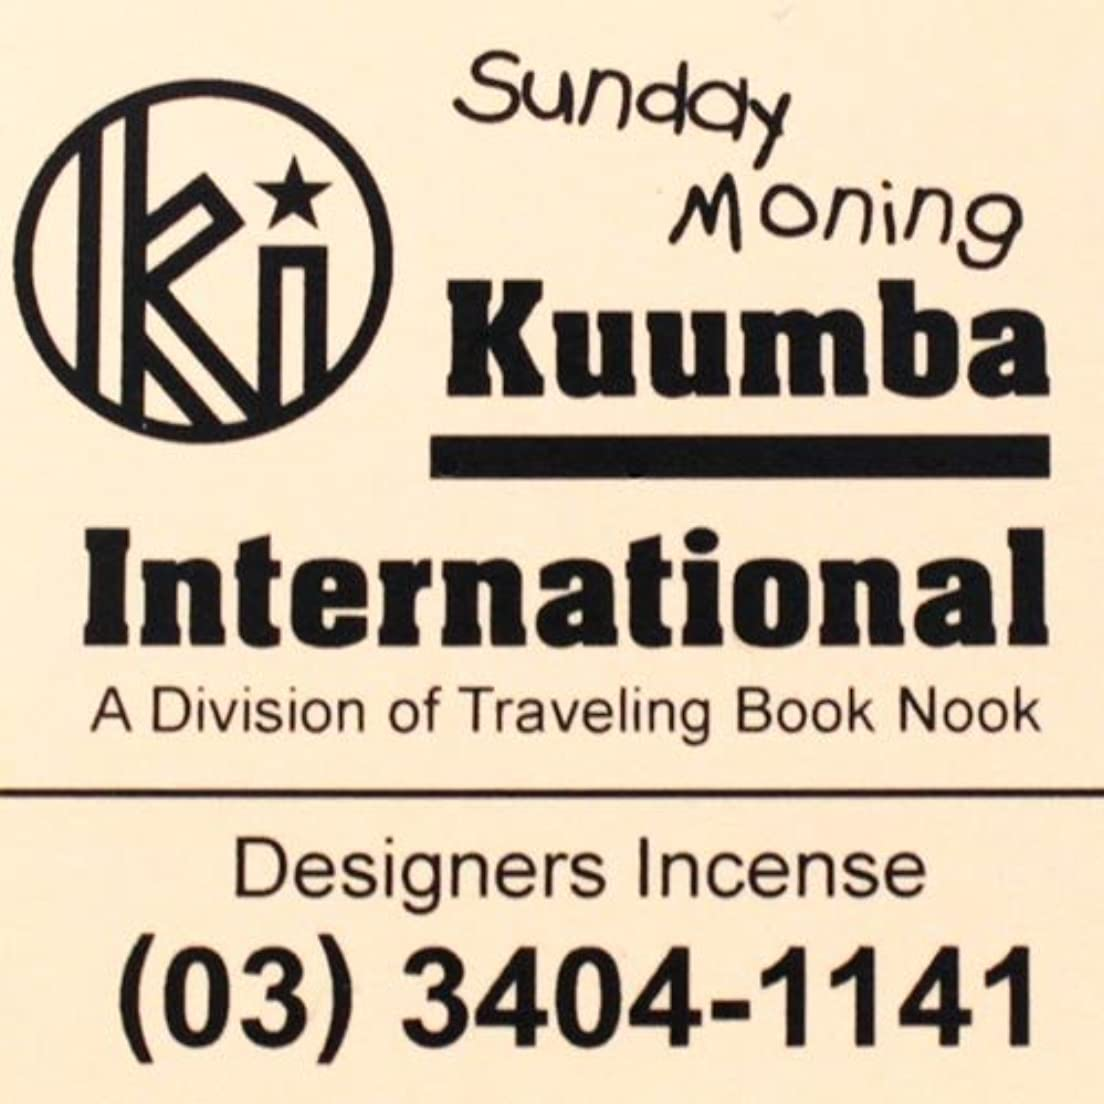 メールペンダントに(クンバ) KUUMBA『incense』(Sunday Morning) (Regular size)